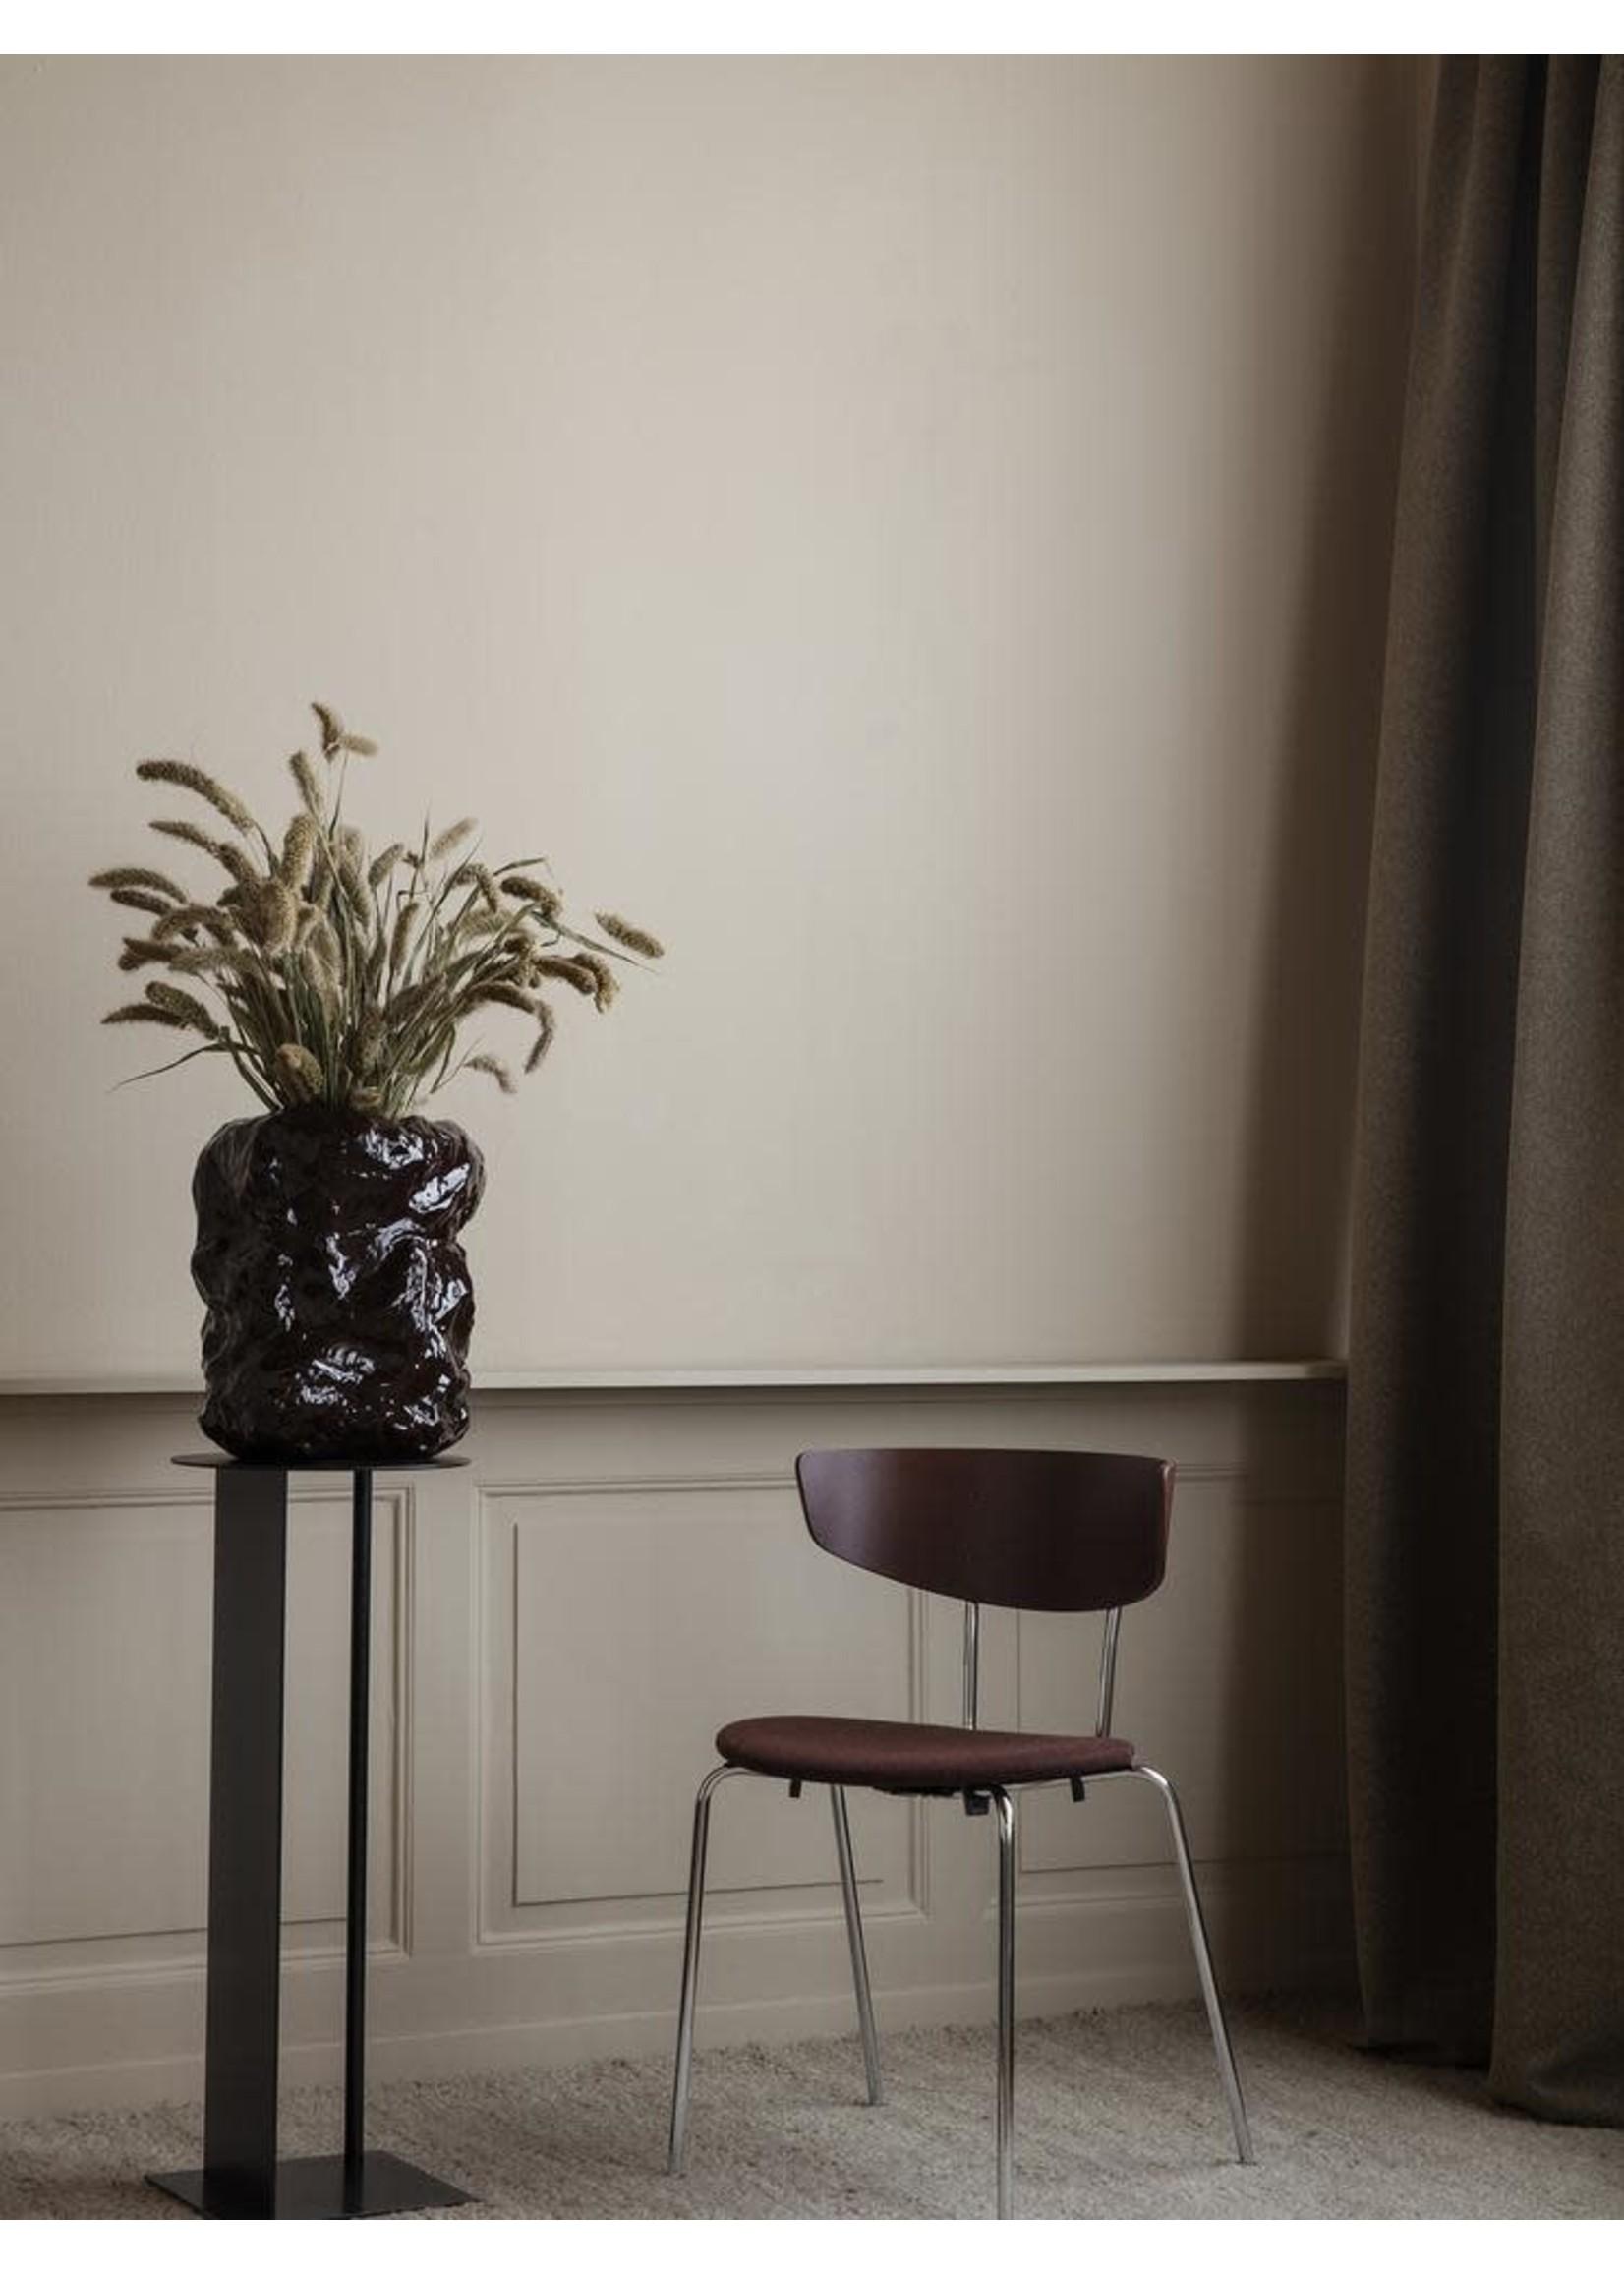 ferm LIVING ferm LIVING Place Pedestal - Black